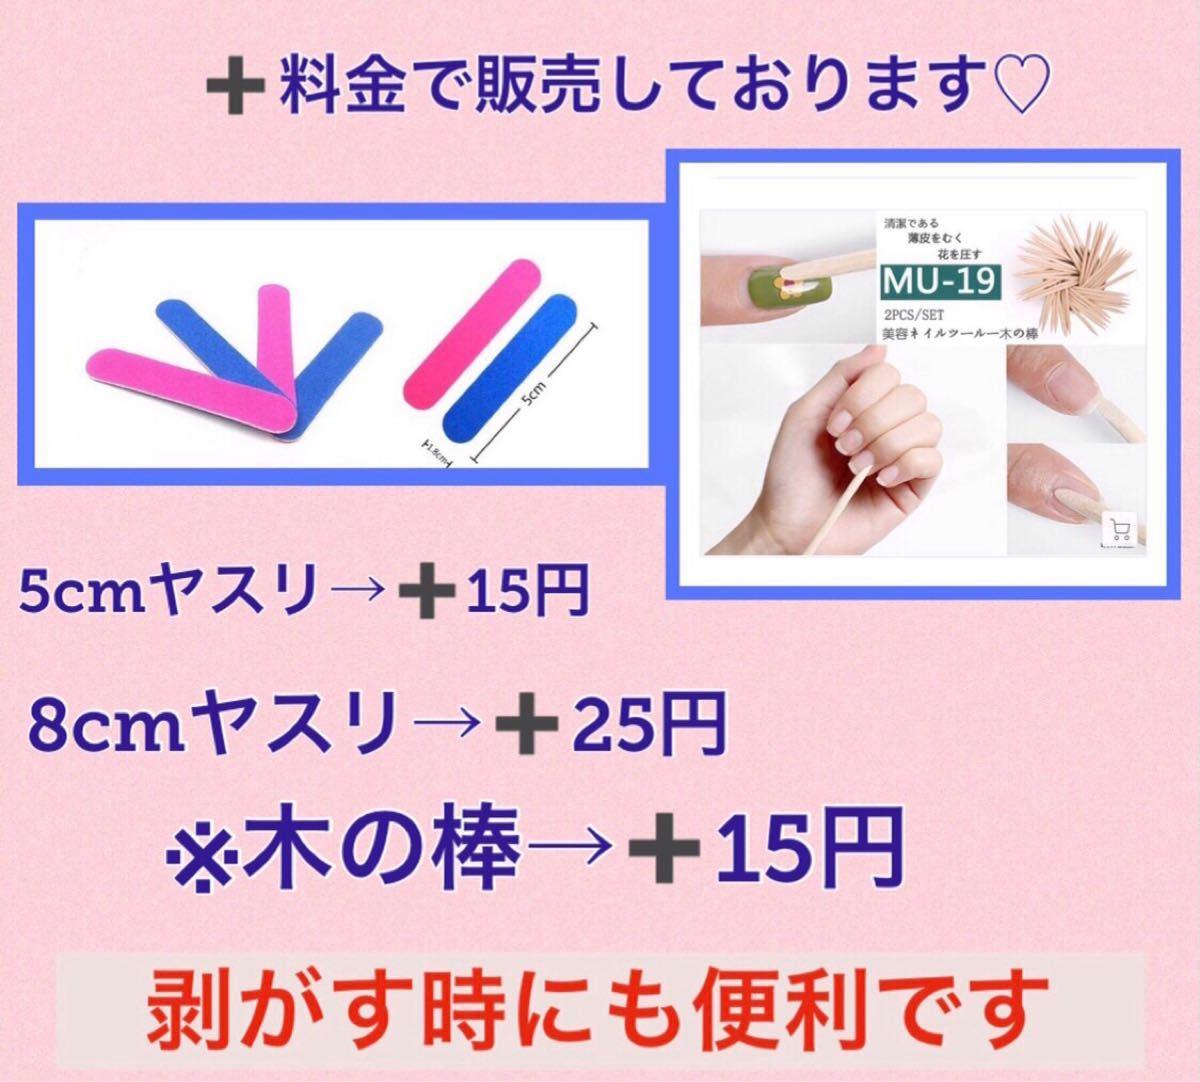 【高品質】4枚購入で1枚プレゼント!ジェルネイルシール☆。.:*・゜